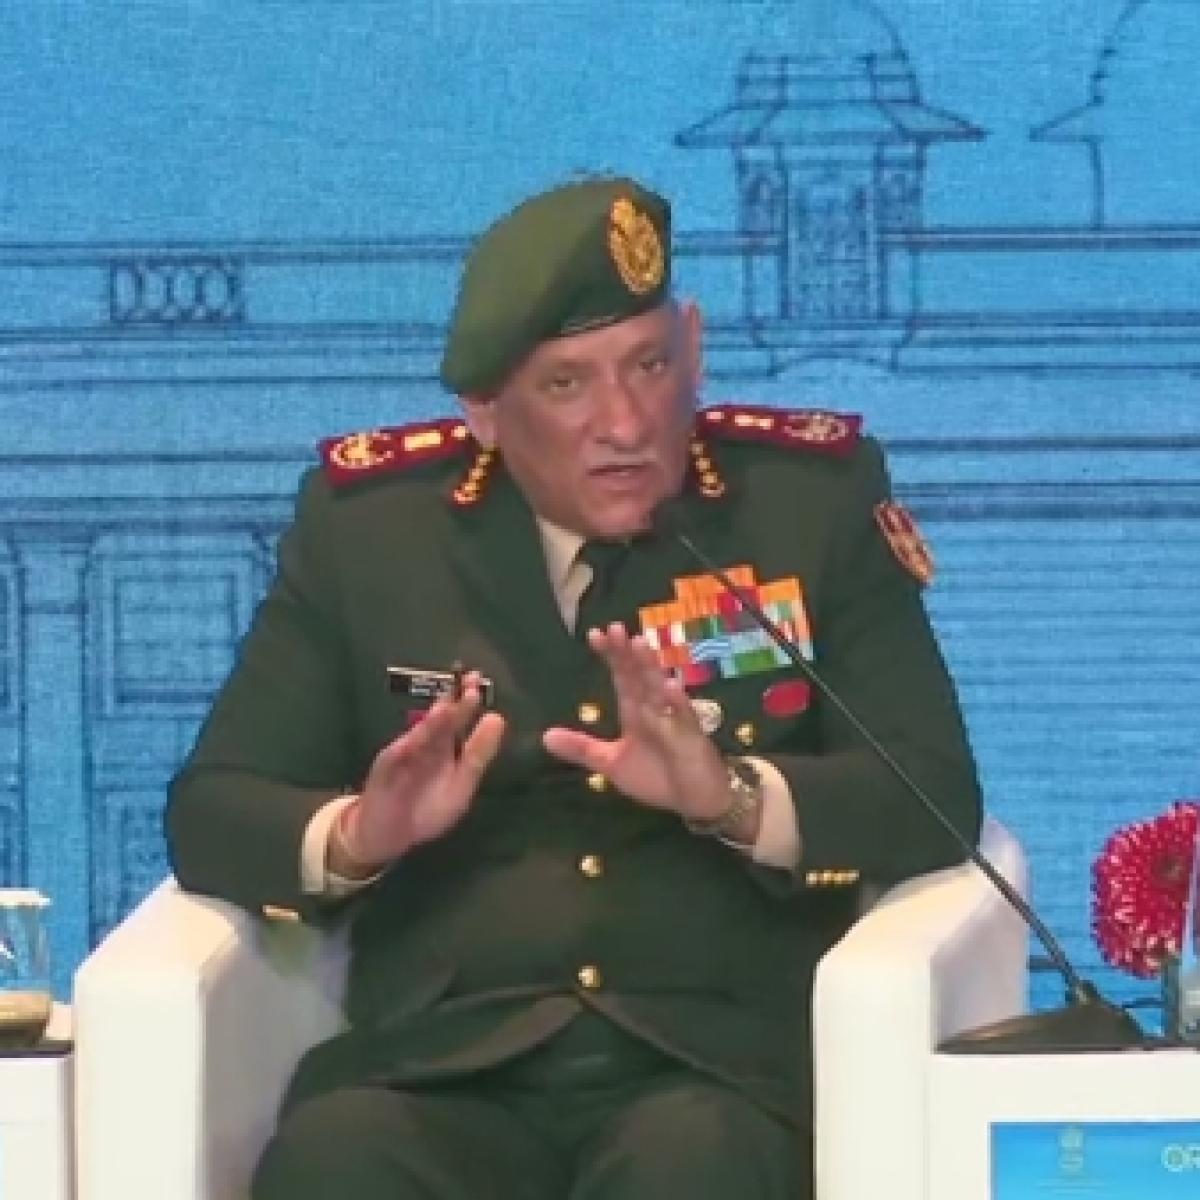 States sponsoring terrorism must be taken to task: Chief of Defence Staff Gen Bipin Rawat